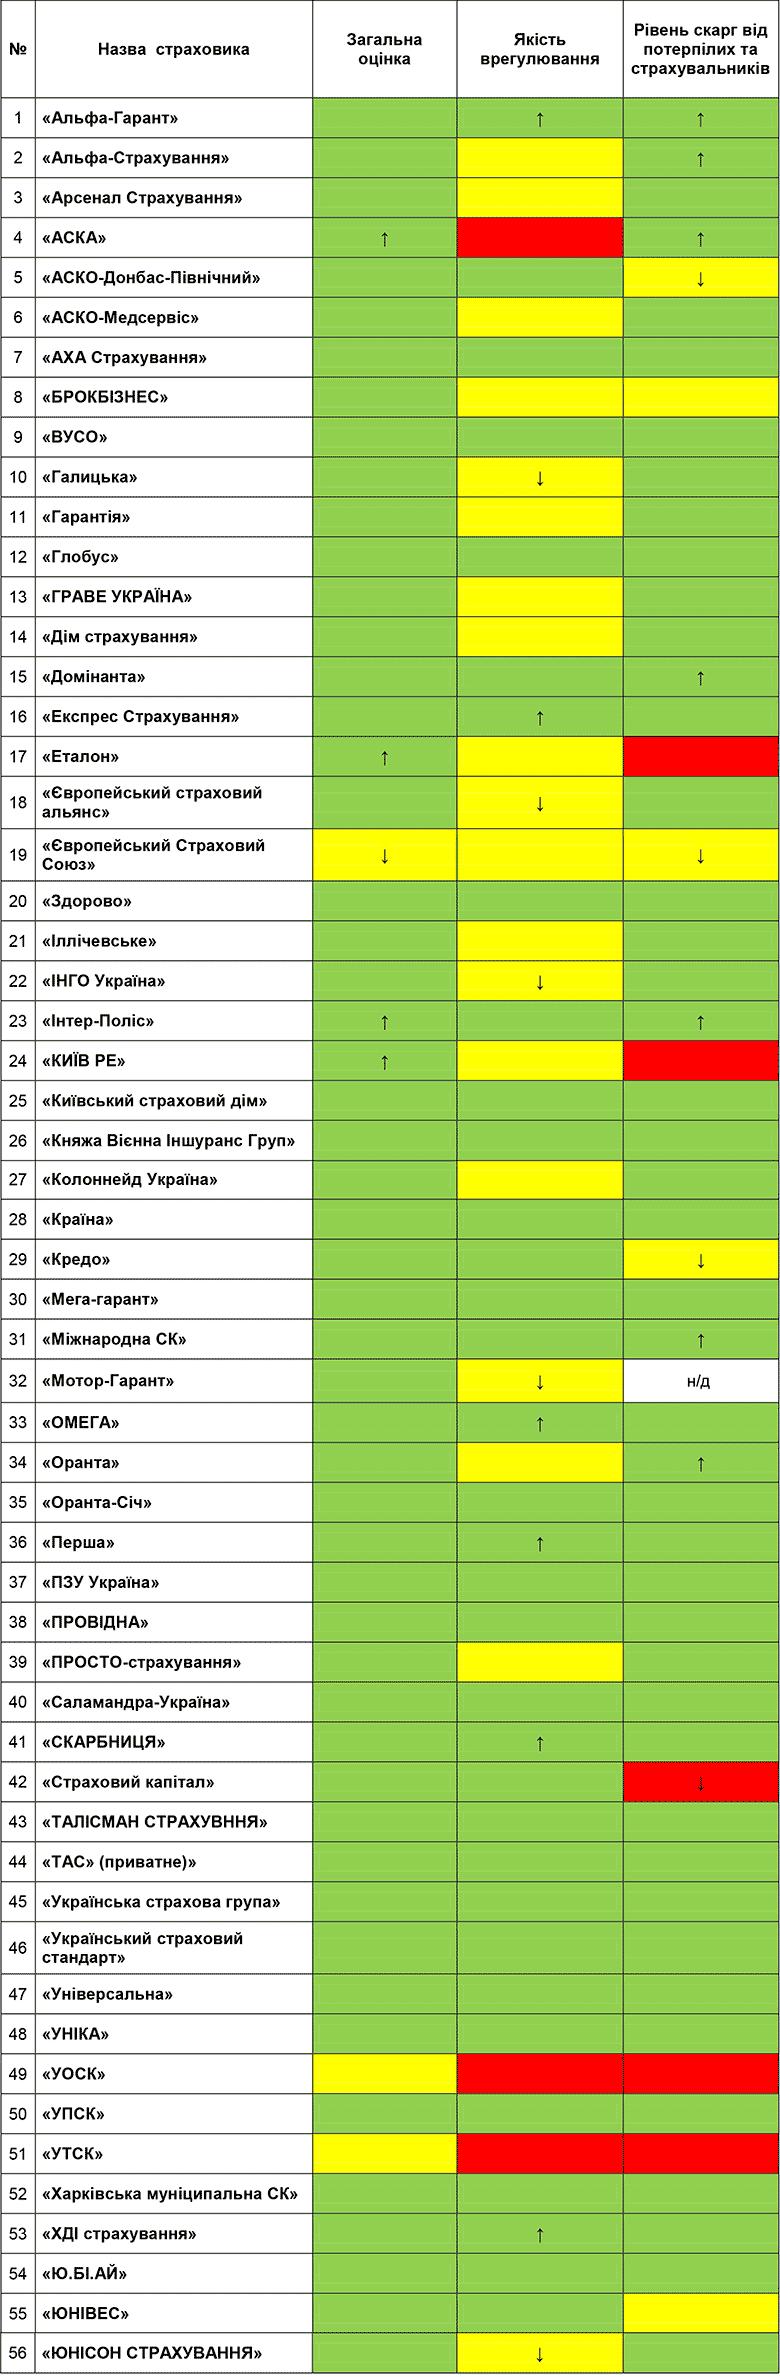 Показатели качества работы страховщиков ОСАГО за 2 квартал 2016 года